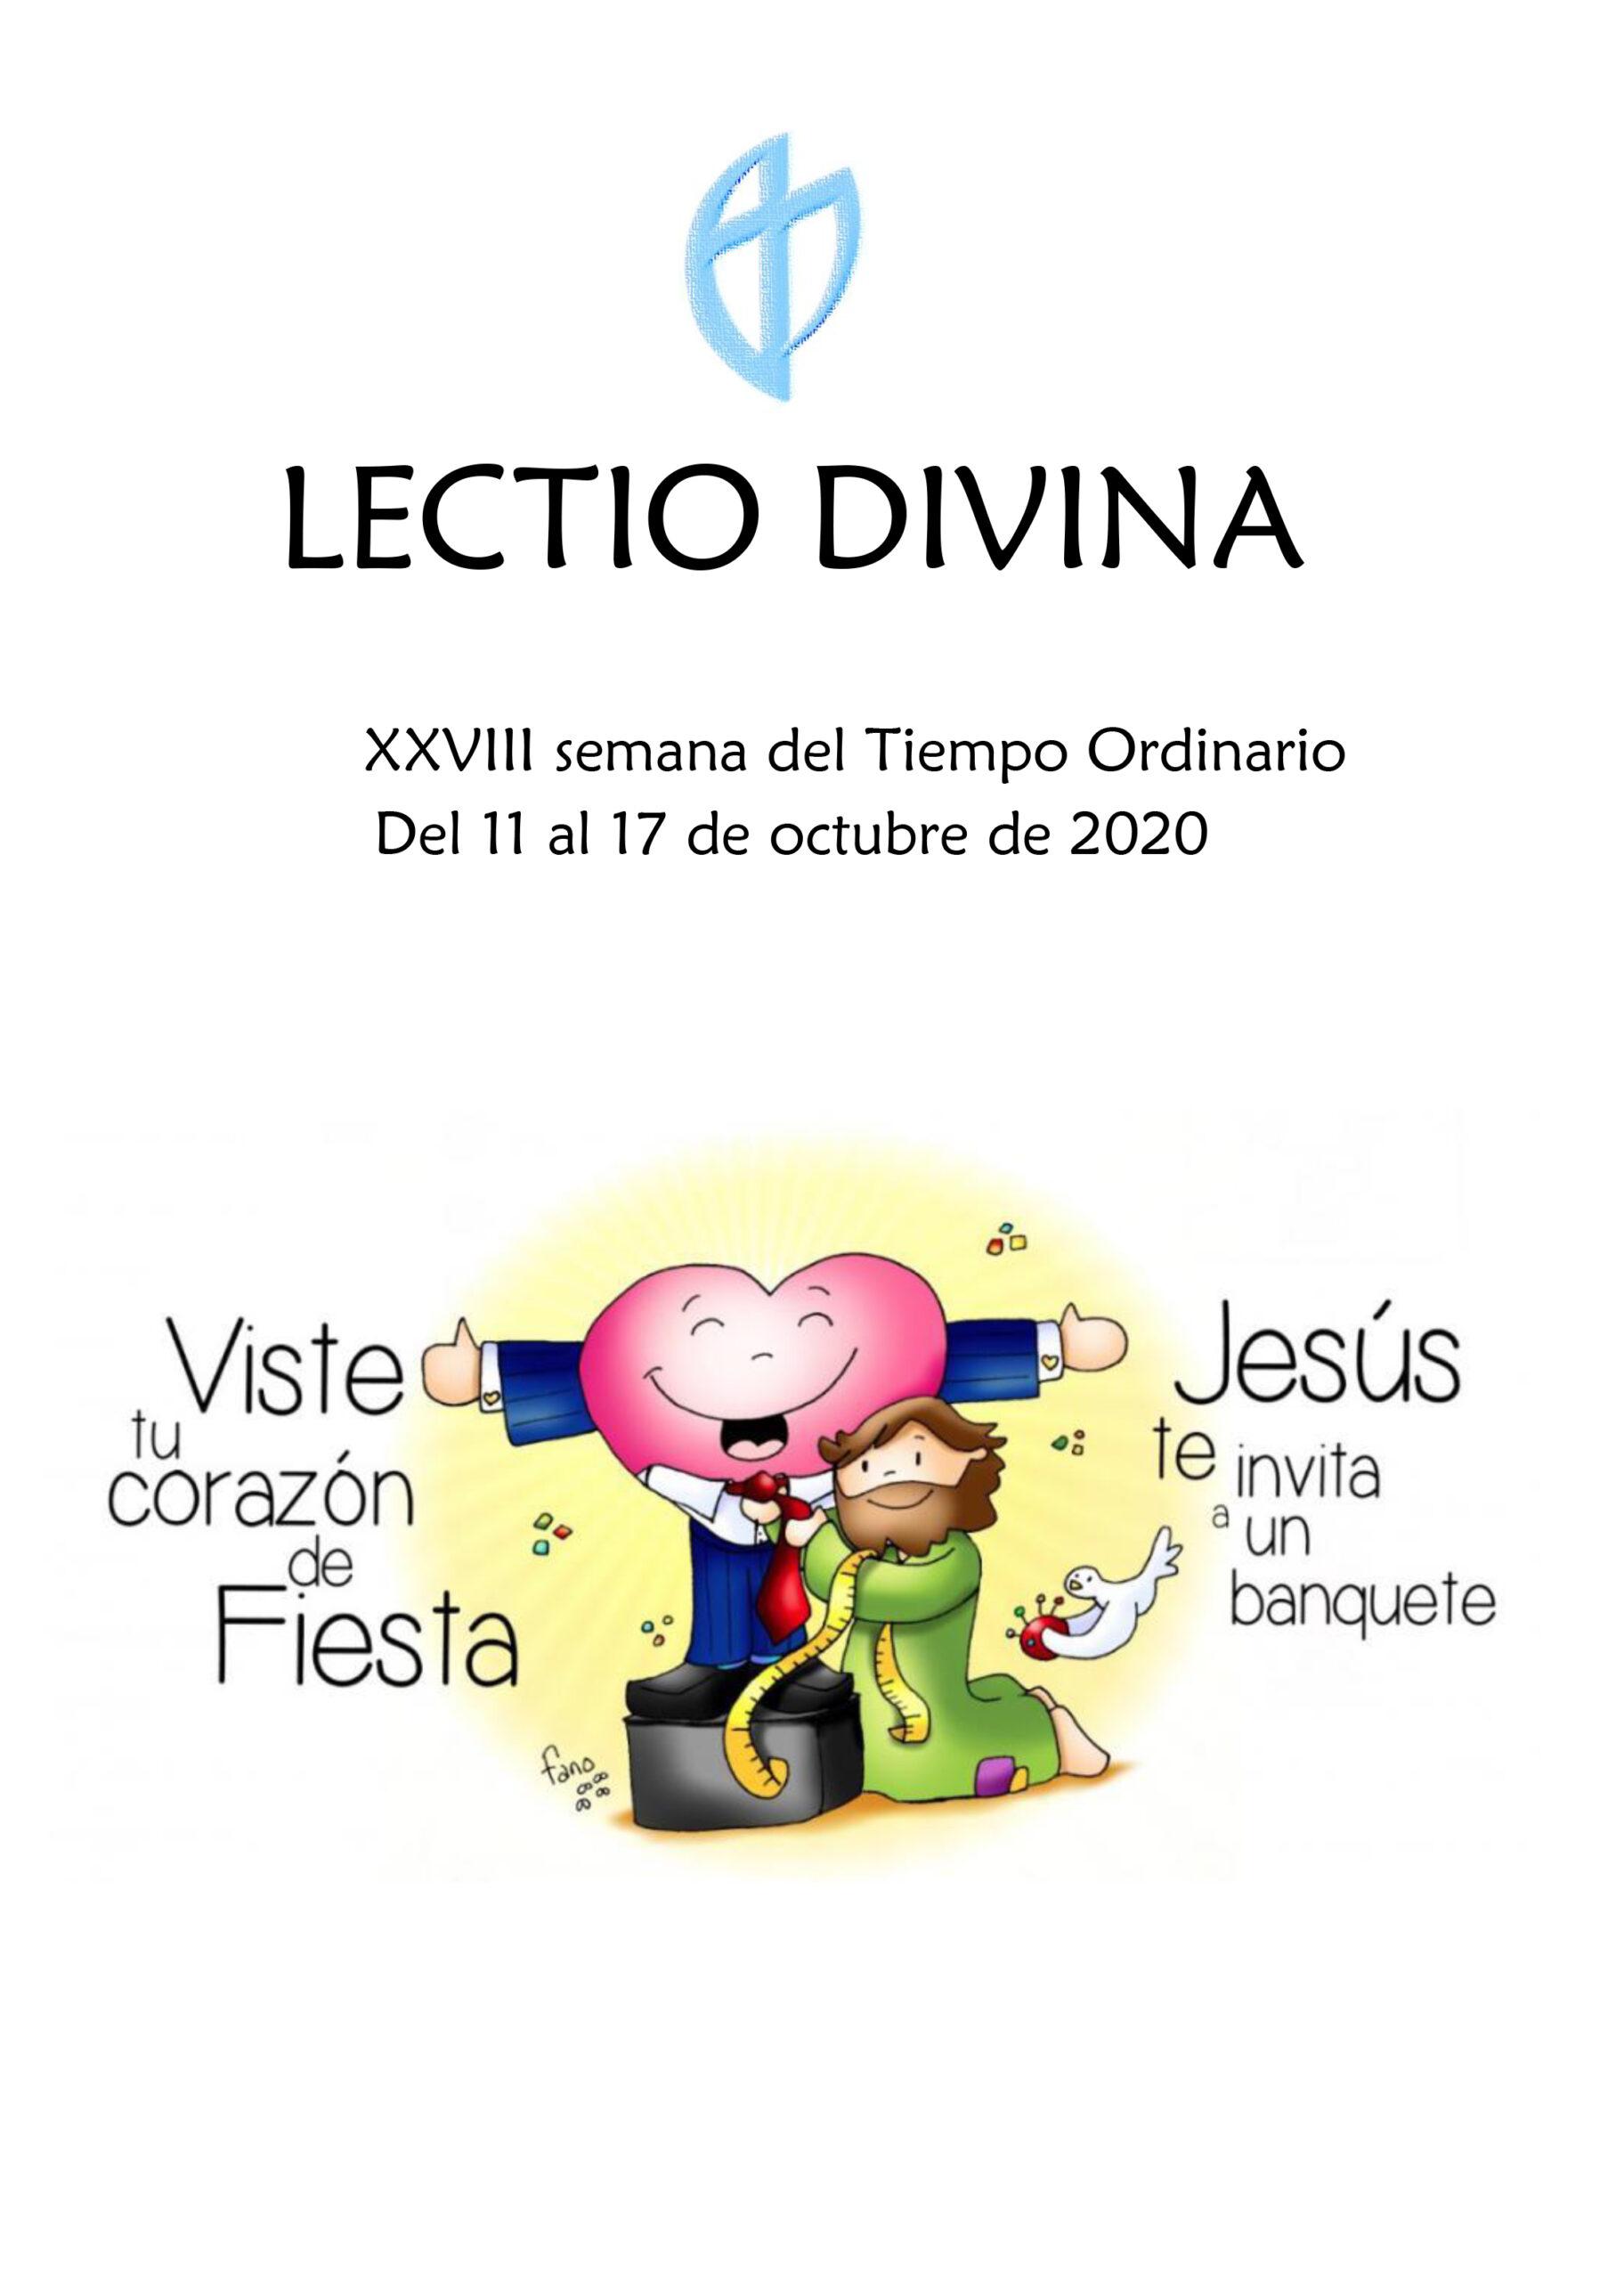 XXVIII Semana del Tiempo Ordinario (Del 11 al 17 de Octubre 2020)